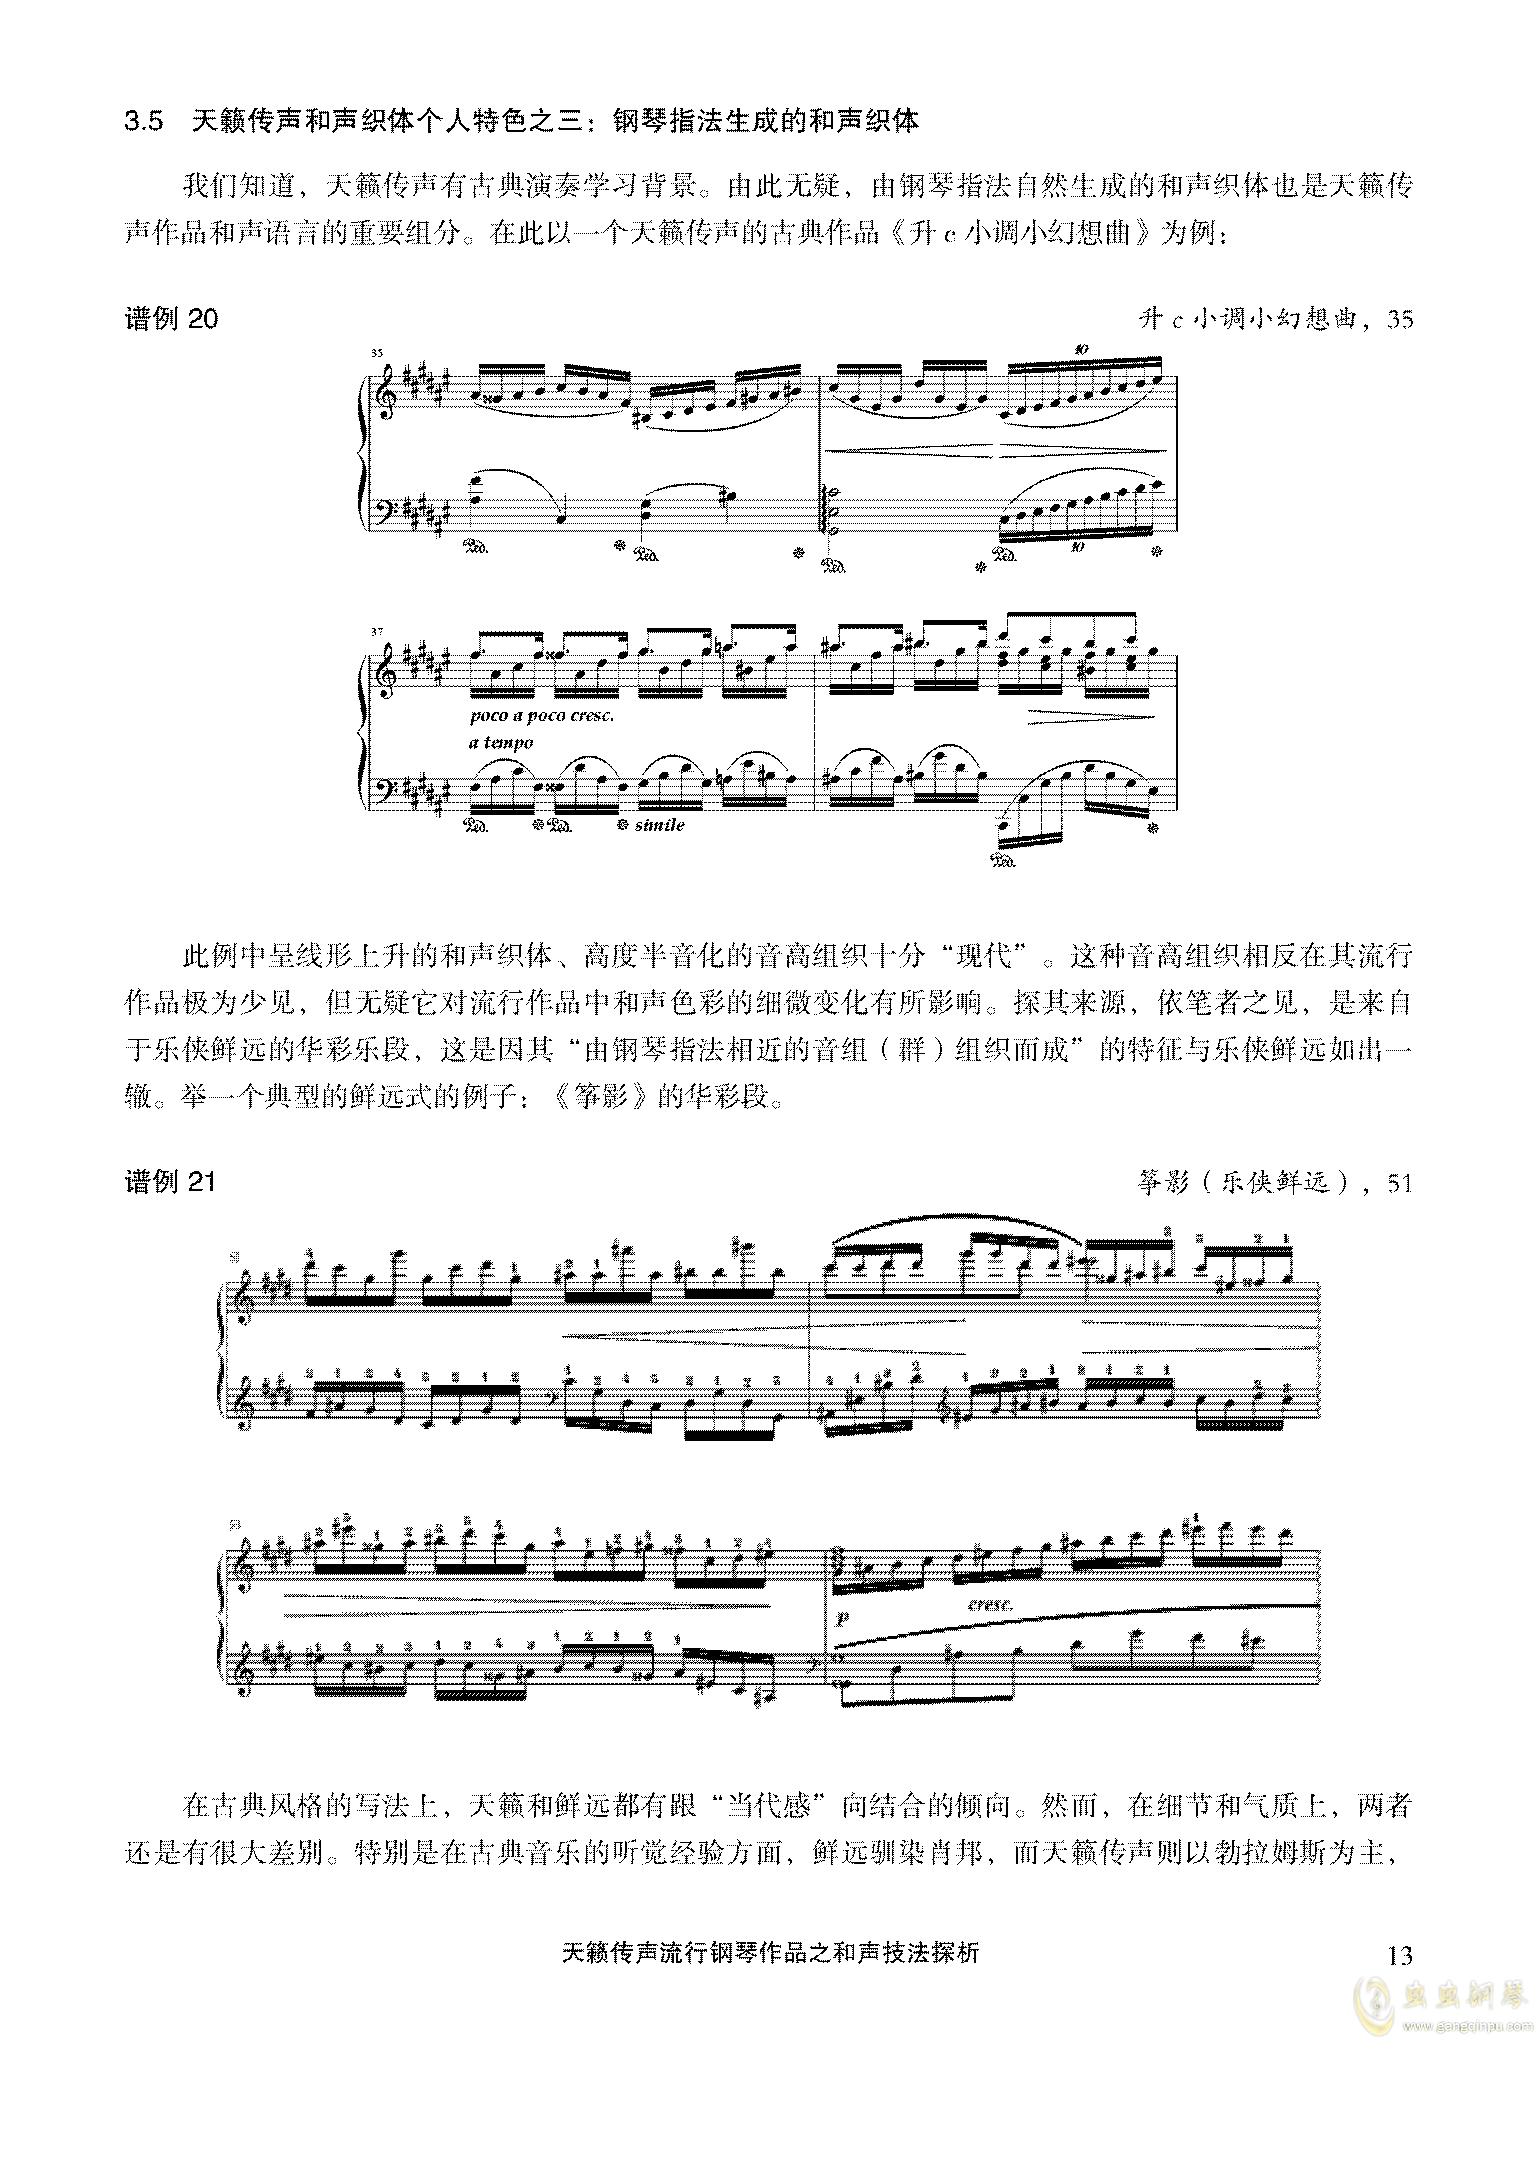 天籁传声和声技法探析钢琴谱 第13页